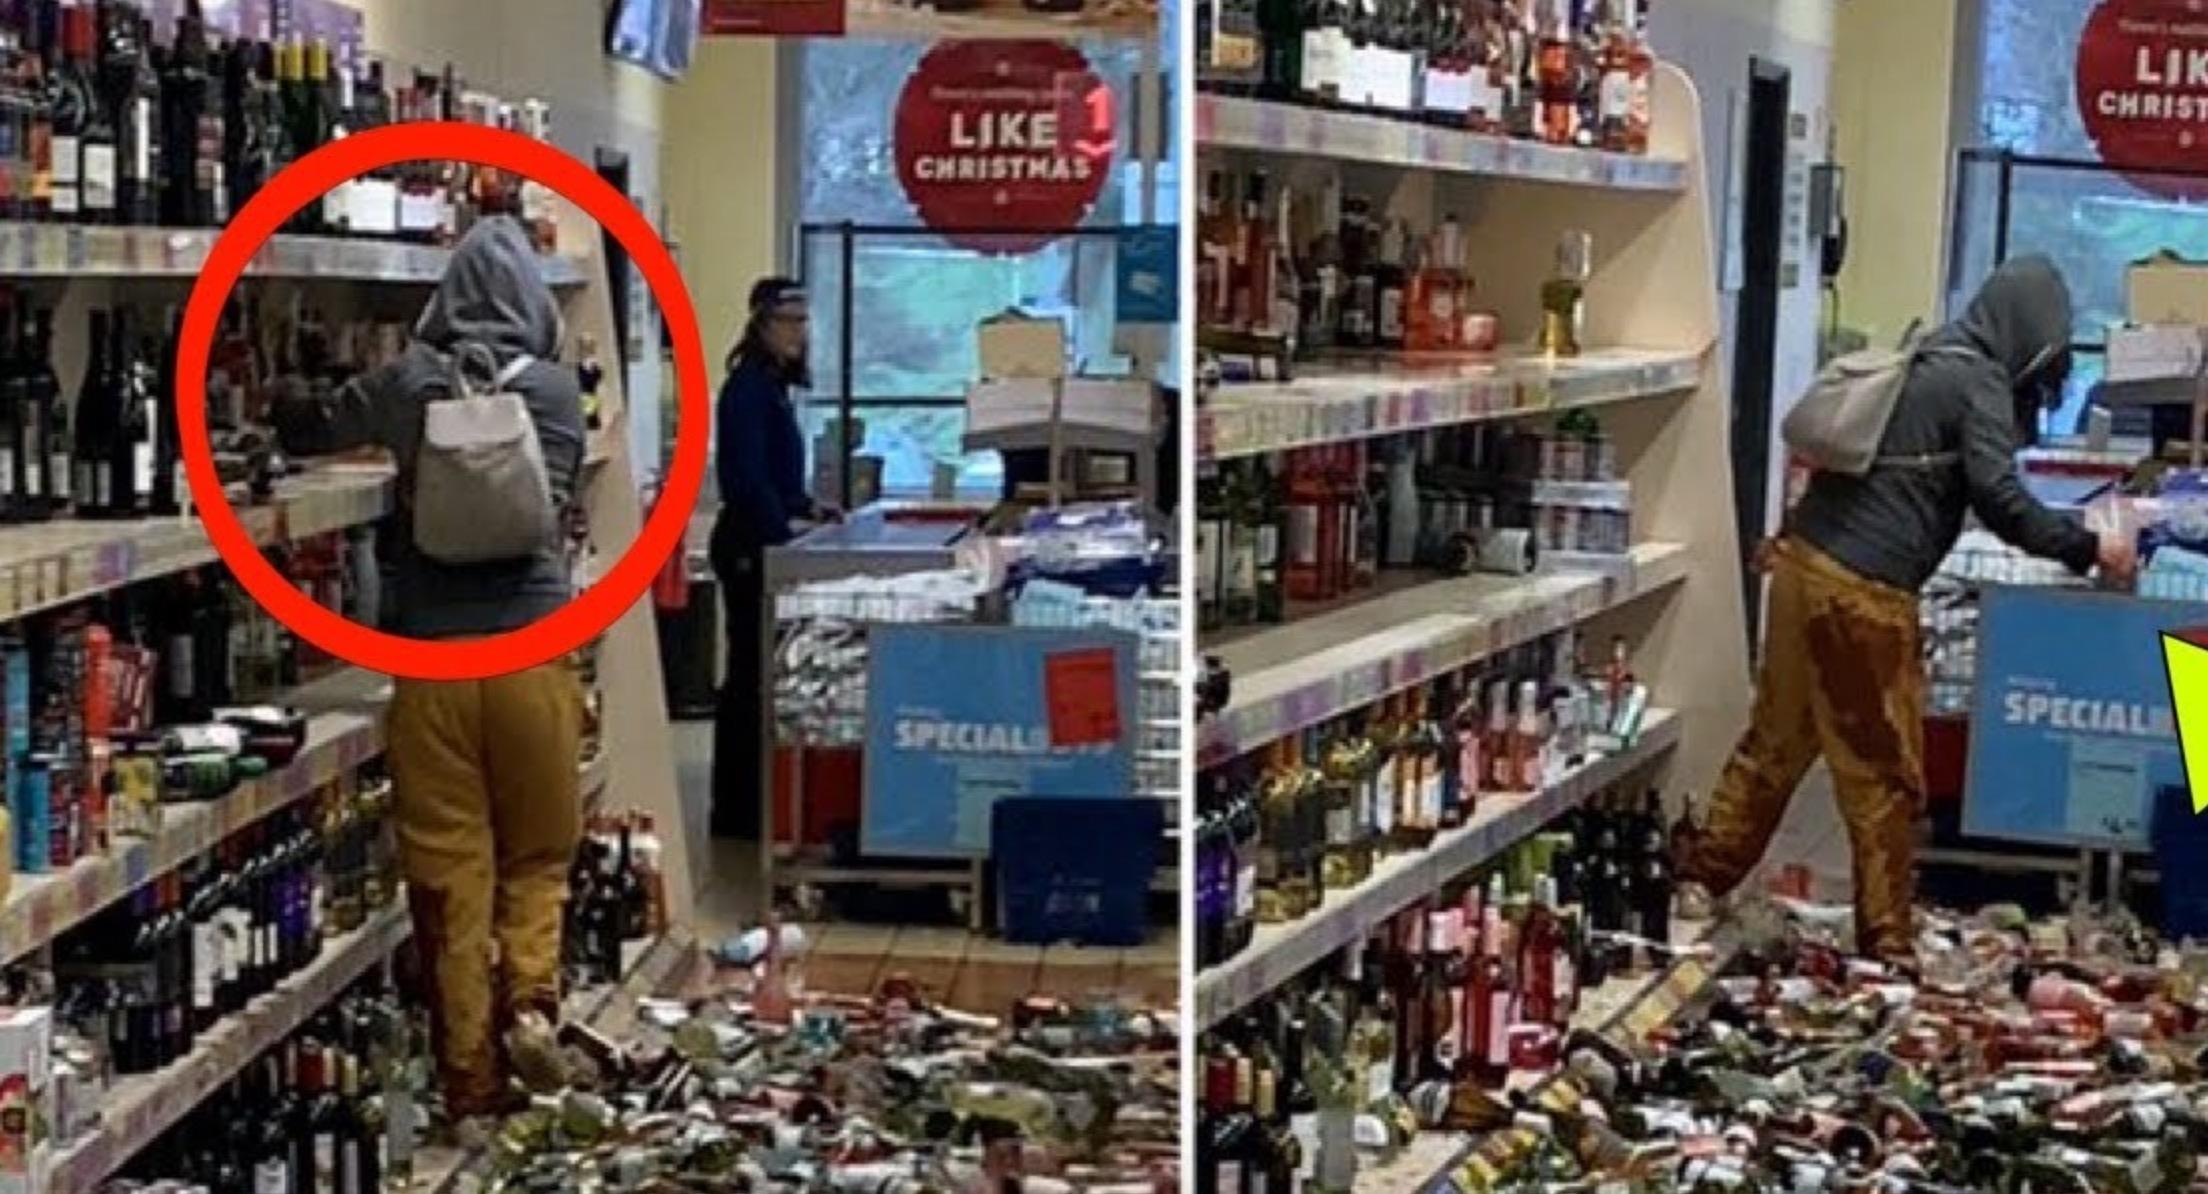 Drunk Female breaks over 500 Bottles of Liquor in UK store – Video